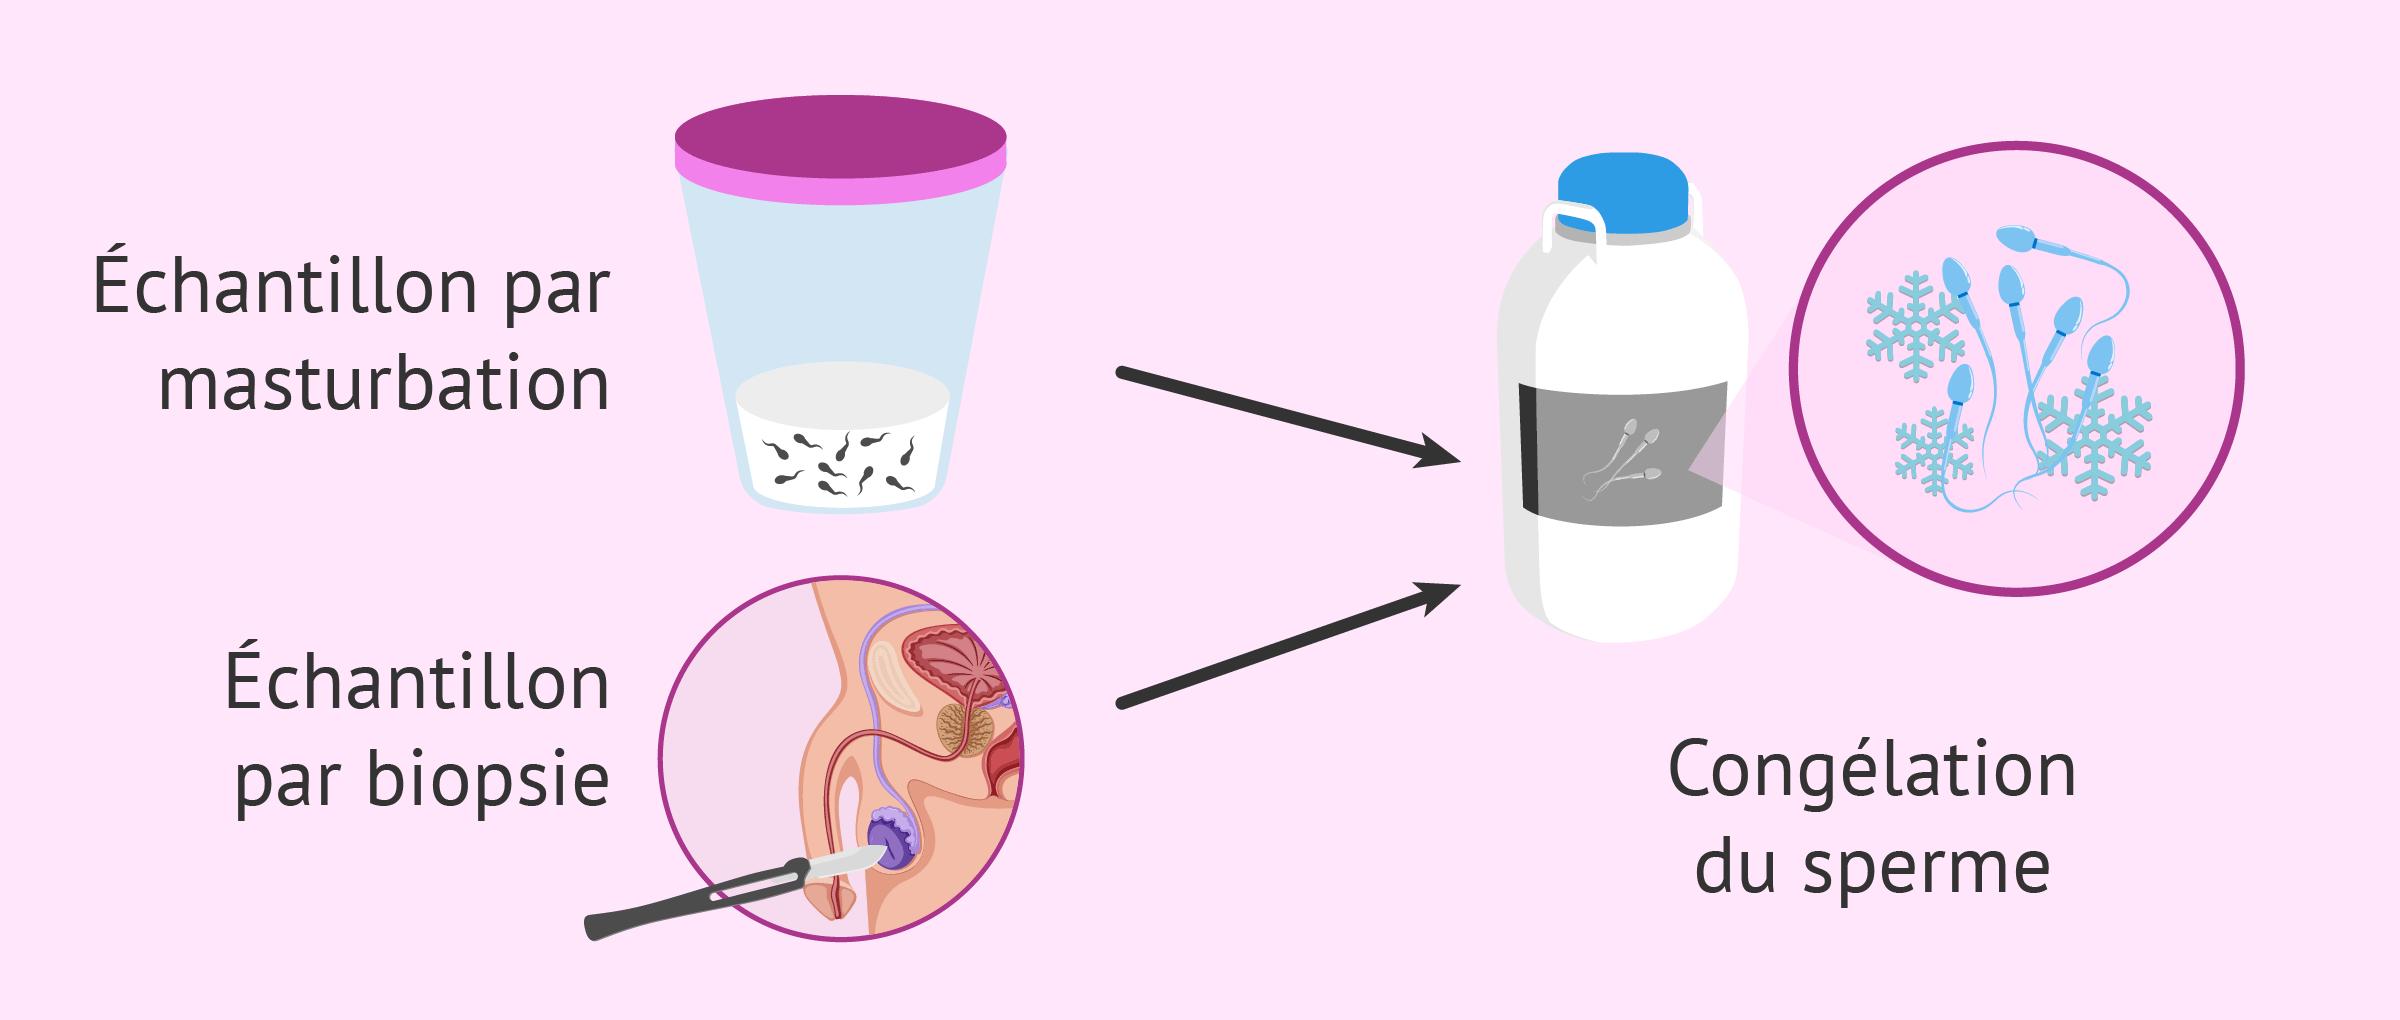 Préservation de la fertilité chez les hommes atteints de cancer